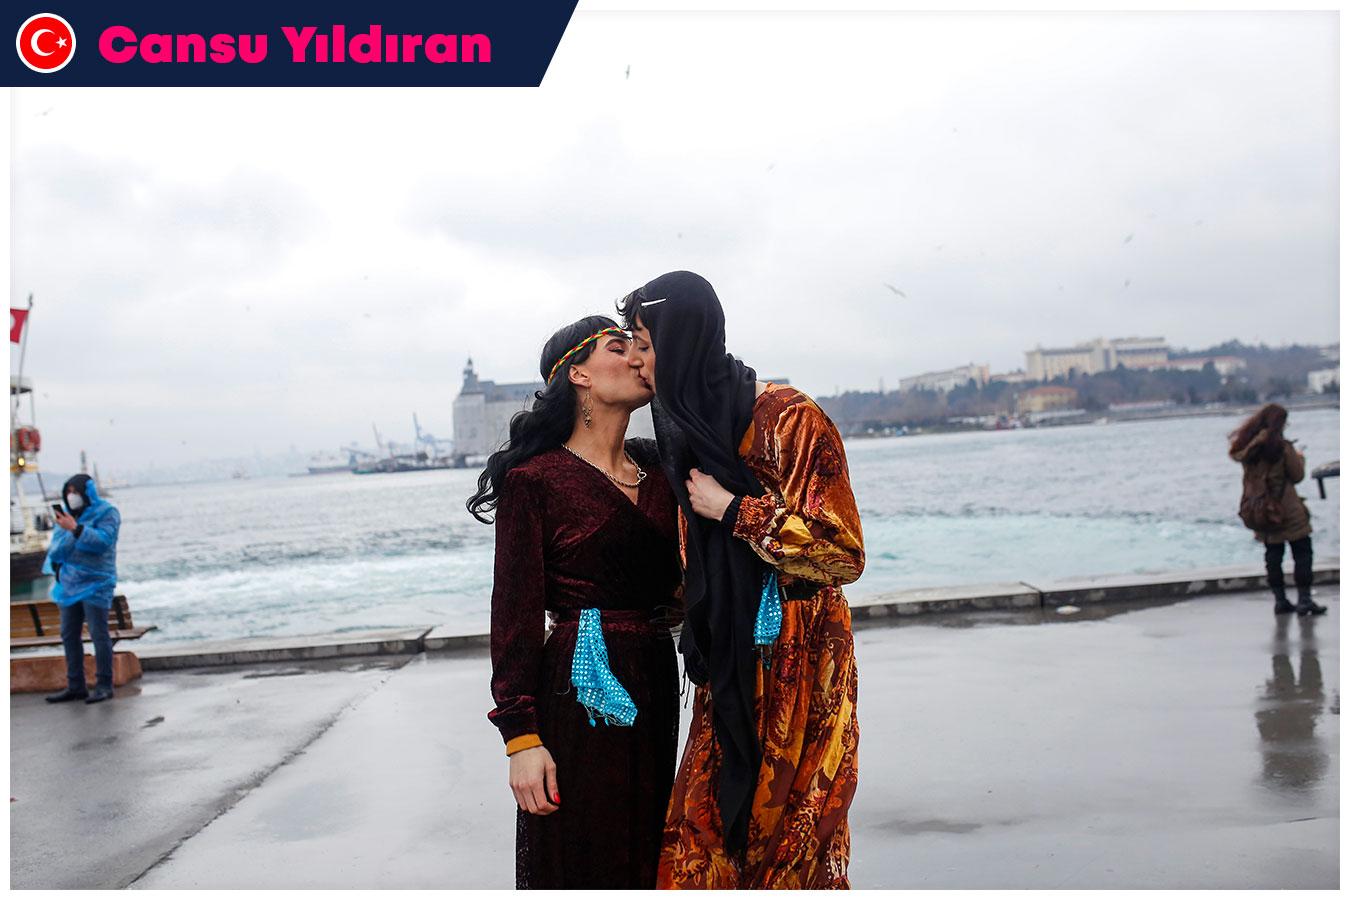 Title: Kurdish trans women | Category: RESISTING | Winner: Cansu Yıldıran, Turkey